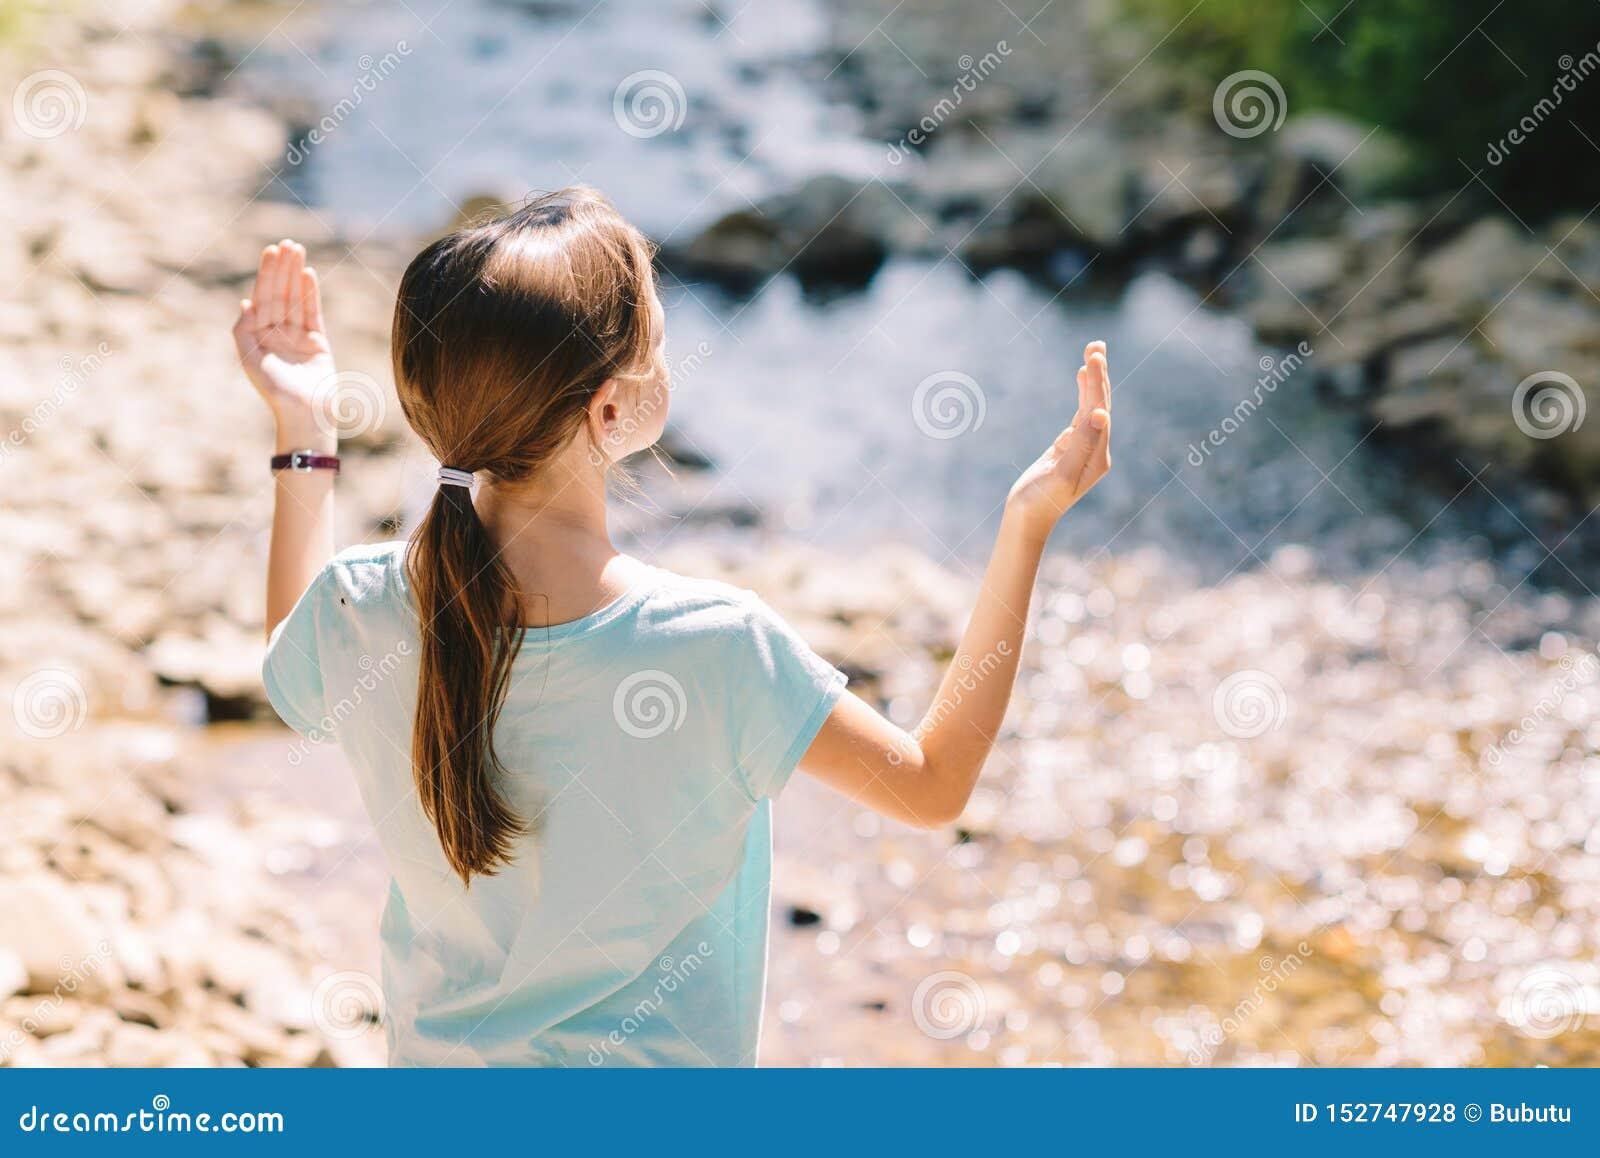 Das junge Mädchen hebt ihre Arme betend auf den Banken eines Gebirgsstromes an